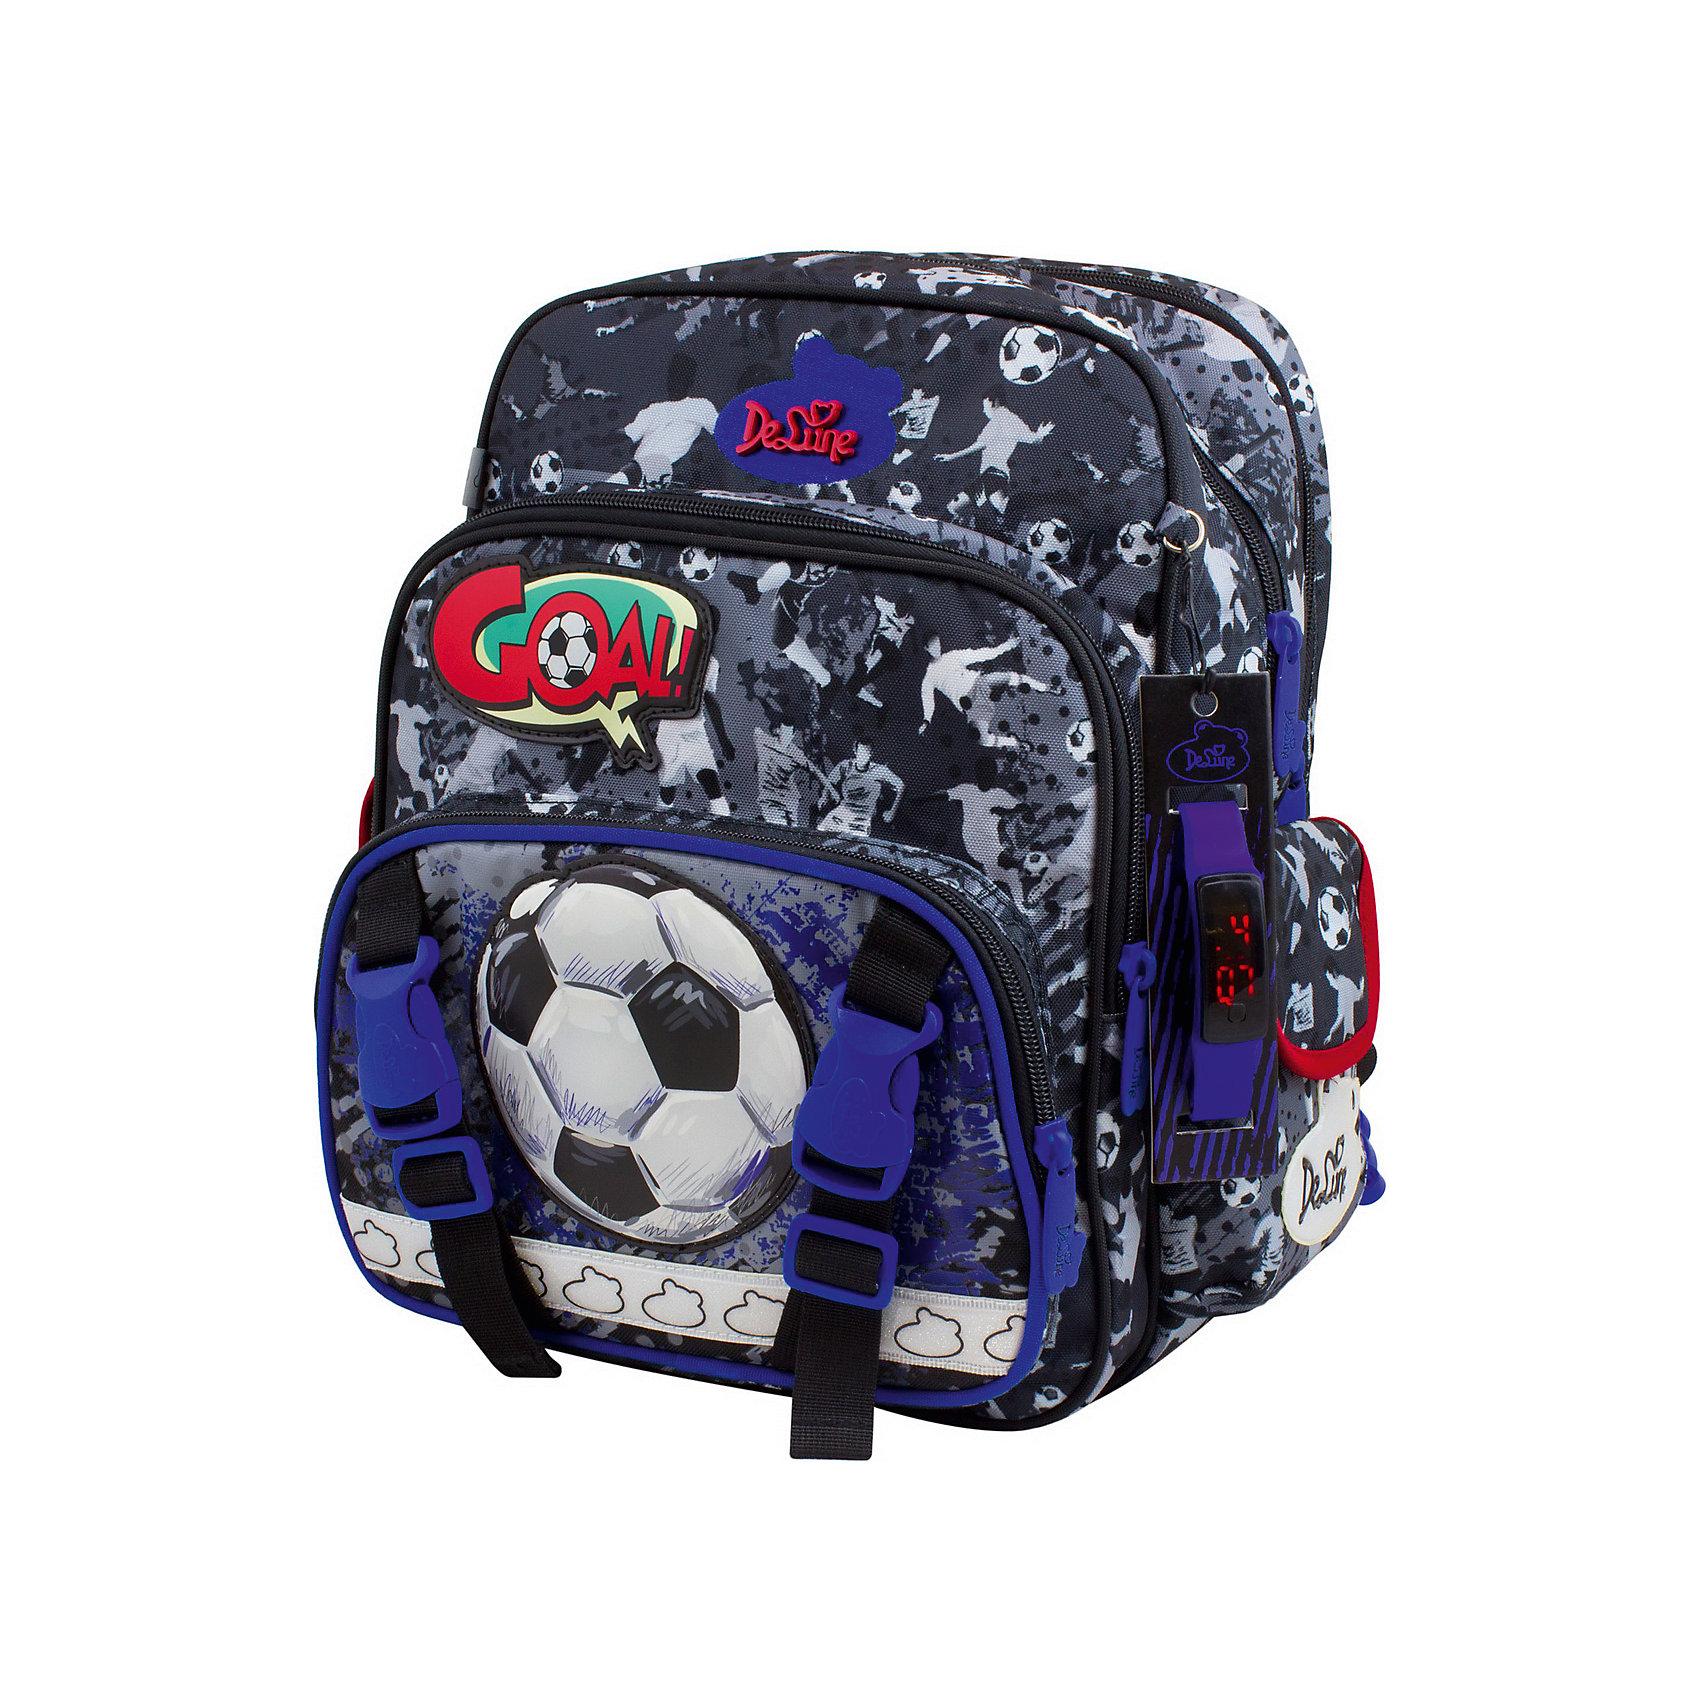 Рюкзак DeLune 55-13 анатомическая спинкаРанцы<br>Характеристики:<br><br>• цвет: серый;<br>• возраст от: 6 лет;<br>• начальная школа<br>• материал: полиэстер;<br>• размер: 27х16х32,5 см.;<br>• вес: 930 гр;<br>• объем: 16 л.;<br>• принт:футбольный мяч;<br>• тип застежки: молния;<br>• количество отделений: 2;<br>• количество карманов: 4;<br>• дно: твердое, с пластиковыми ножками;<br>• спинка: анатомическая;<br>• наполнение: электронные часы на силиконовом ремешке;<br>• бренд, страна бренда: De Lune, Франция;<br>• страна производитель: Китай.<br><br>Школьный рюкзак DeLune (Де Луне) 55-13  имеет мягко-каркасную форму,благодаря чему каркас  держит форму даже при пустом рюкзаке,а также не меняет форму под весом. Эргономичная спинка имеет твердый каркас, позвоночник защищен специально сконструированной спинкой по типу «СЭНДВИЧ», но при этом спинка мягкая снаружи, что обеспечивает комфортное ношение и защиту спины ребенка. <br><br>Для безопасности ребенка в темное время суток на рюкзаке имеются светоотражающие элементы, расположенные на передней, задней и боковой части ранца. Изделие выполнено из качественных материалов, что обеспечивает долгосрочное использование, а яркий дизайн, интересные детали, аппликации, вышивки обязательно привлекут внимание вашего ребенка.<br><br>Особенности: <br>• три отделения;<br>• два пластиковых разделителя с карманом из сетки;<br>• сеточный карман на резинке;<br>• два кармана на молнии на фронтальной части;<br>• боковые карманы на застежке-липучке;<br>• качественная фурнитура фирмы «SBS»;<br>• системе распределении содержимого «Оpen аccess».<br><br>Школьный рюкзак DeLune (Де Луне) 55-13 с наполнением, можно купить в нашем интернет-магазине.<br><br>Ширина мм: 27<br>Глубина мм: 16<br>Высота мм: 32<br>Вес г: 930<br>Возраст от месяцев: 72<br>Возраст до месяцев: 132<br>Пол: Мужской<br>Возраст: Детский<br>SKU: 6992911